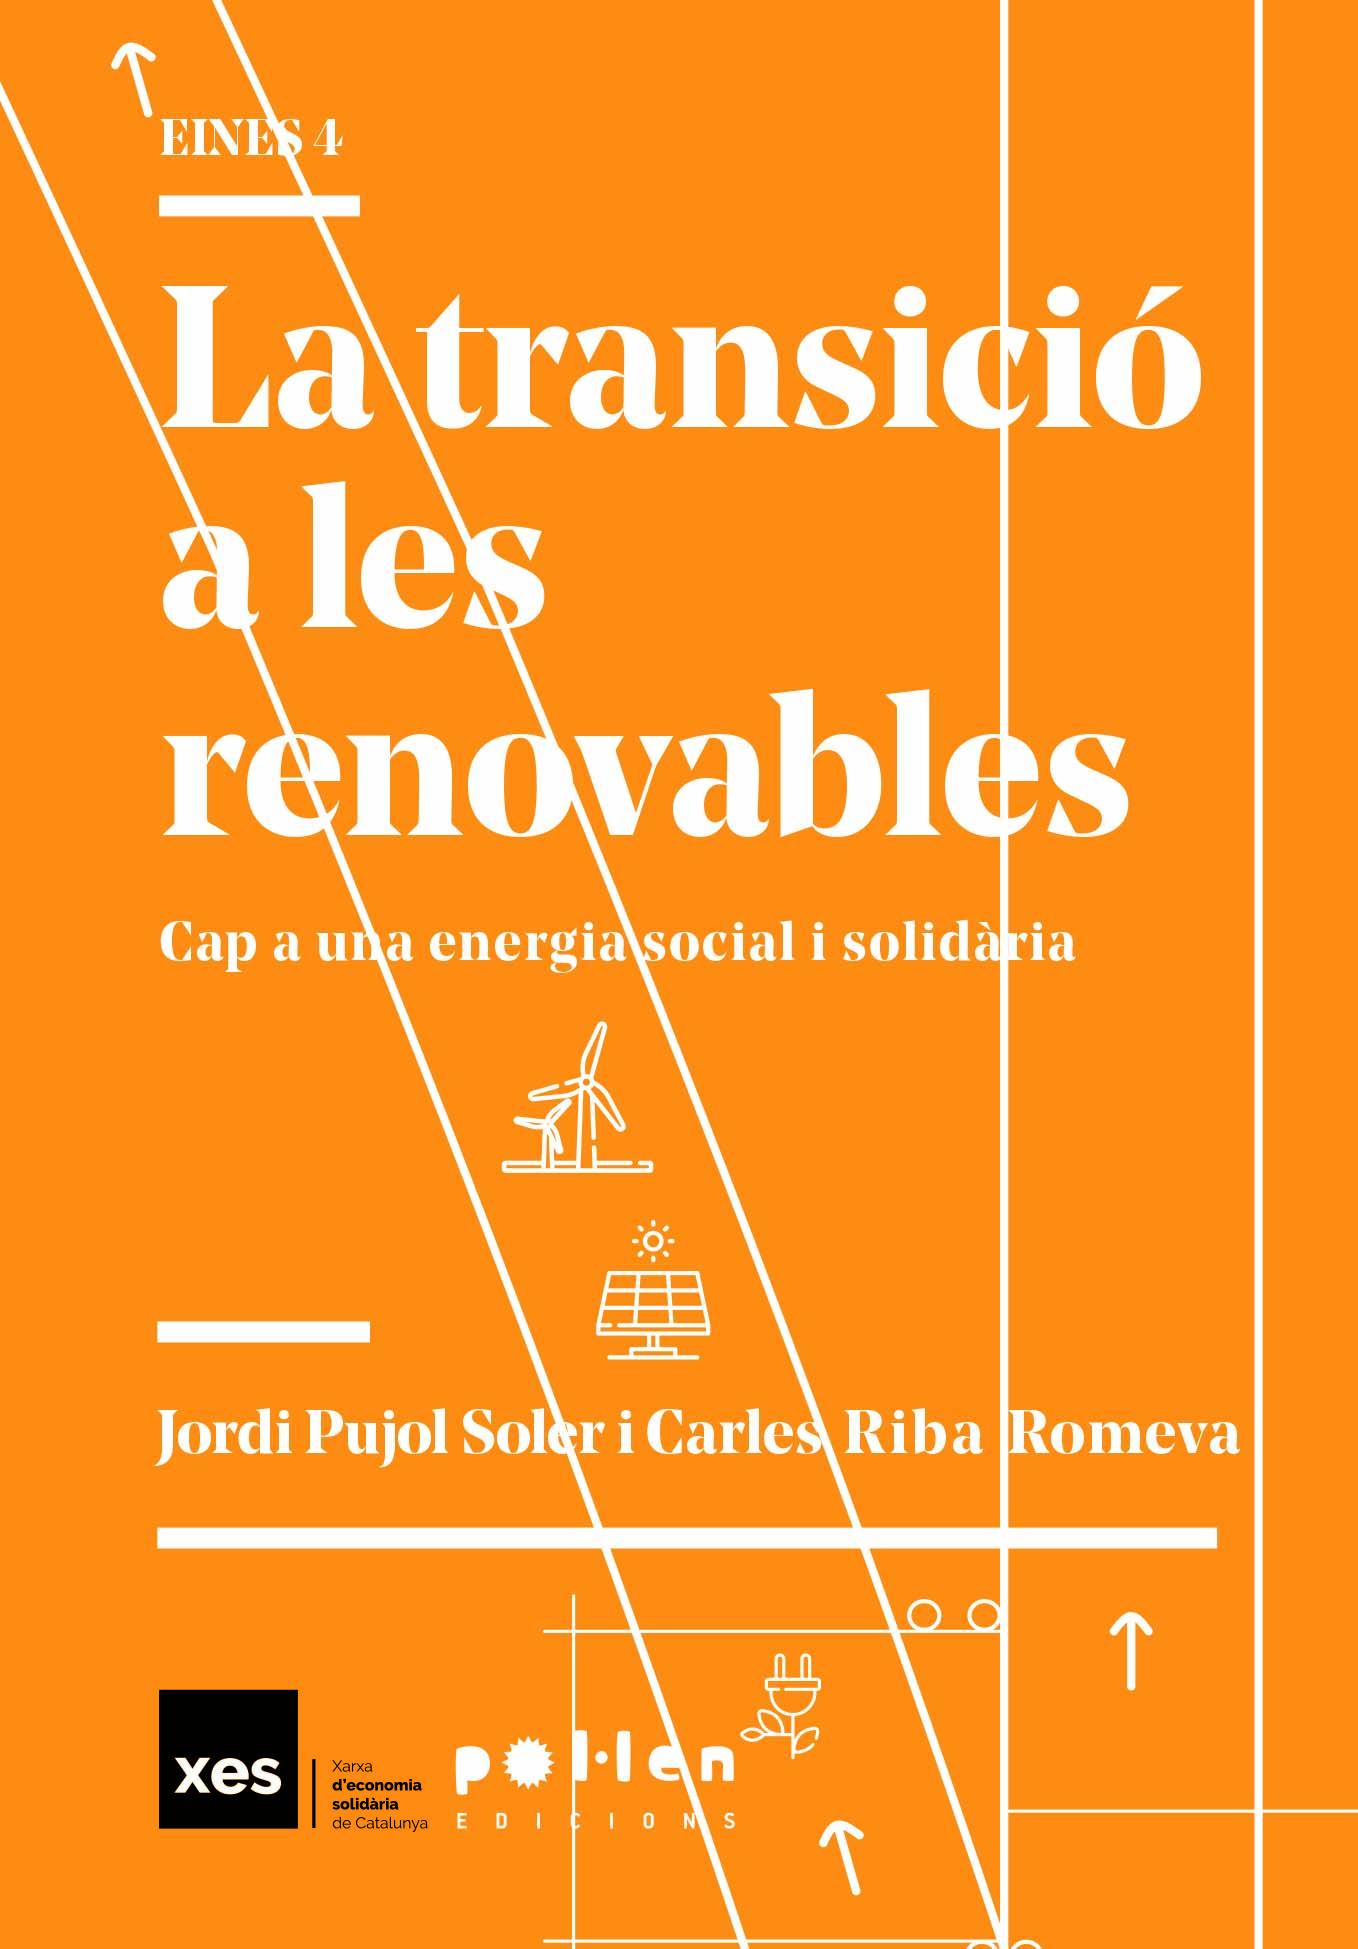 transició energia renovable